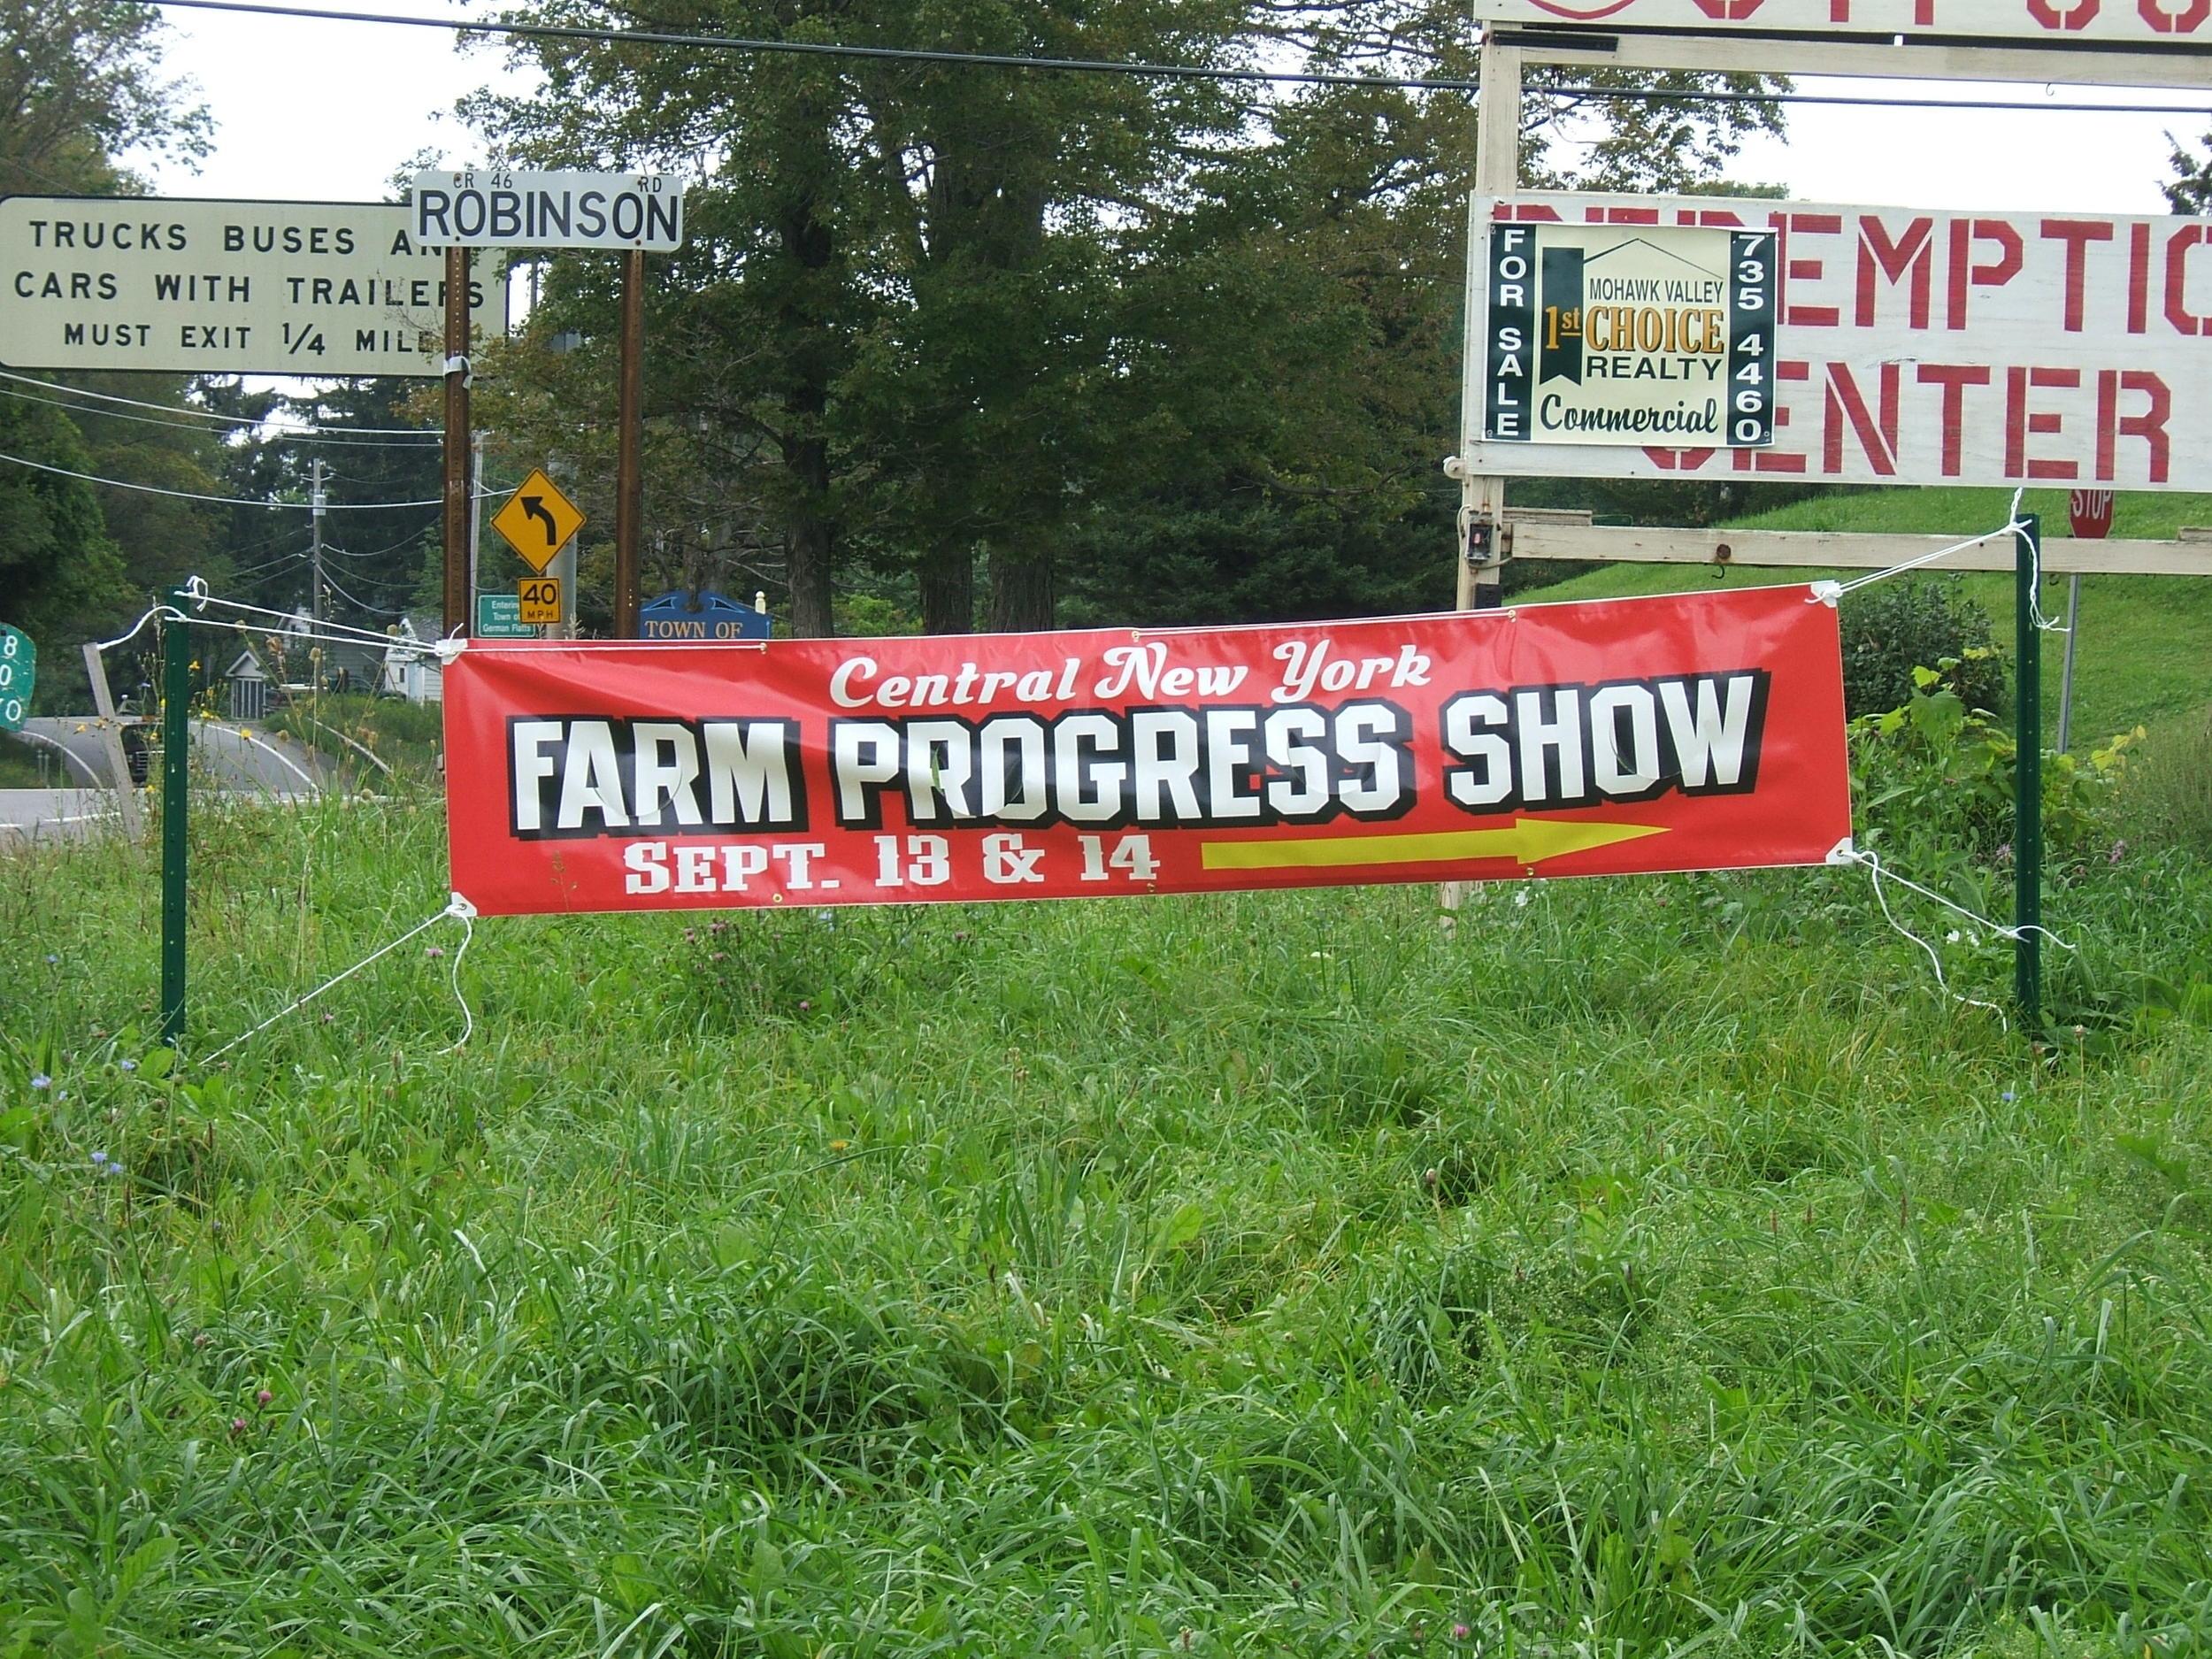 FARM PROGRESS 2006 B RED 2.JPG